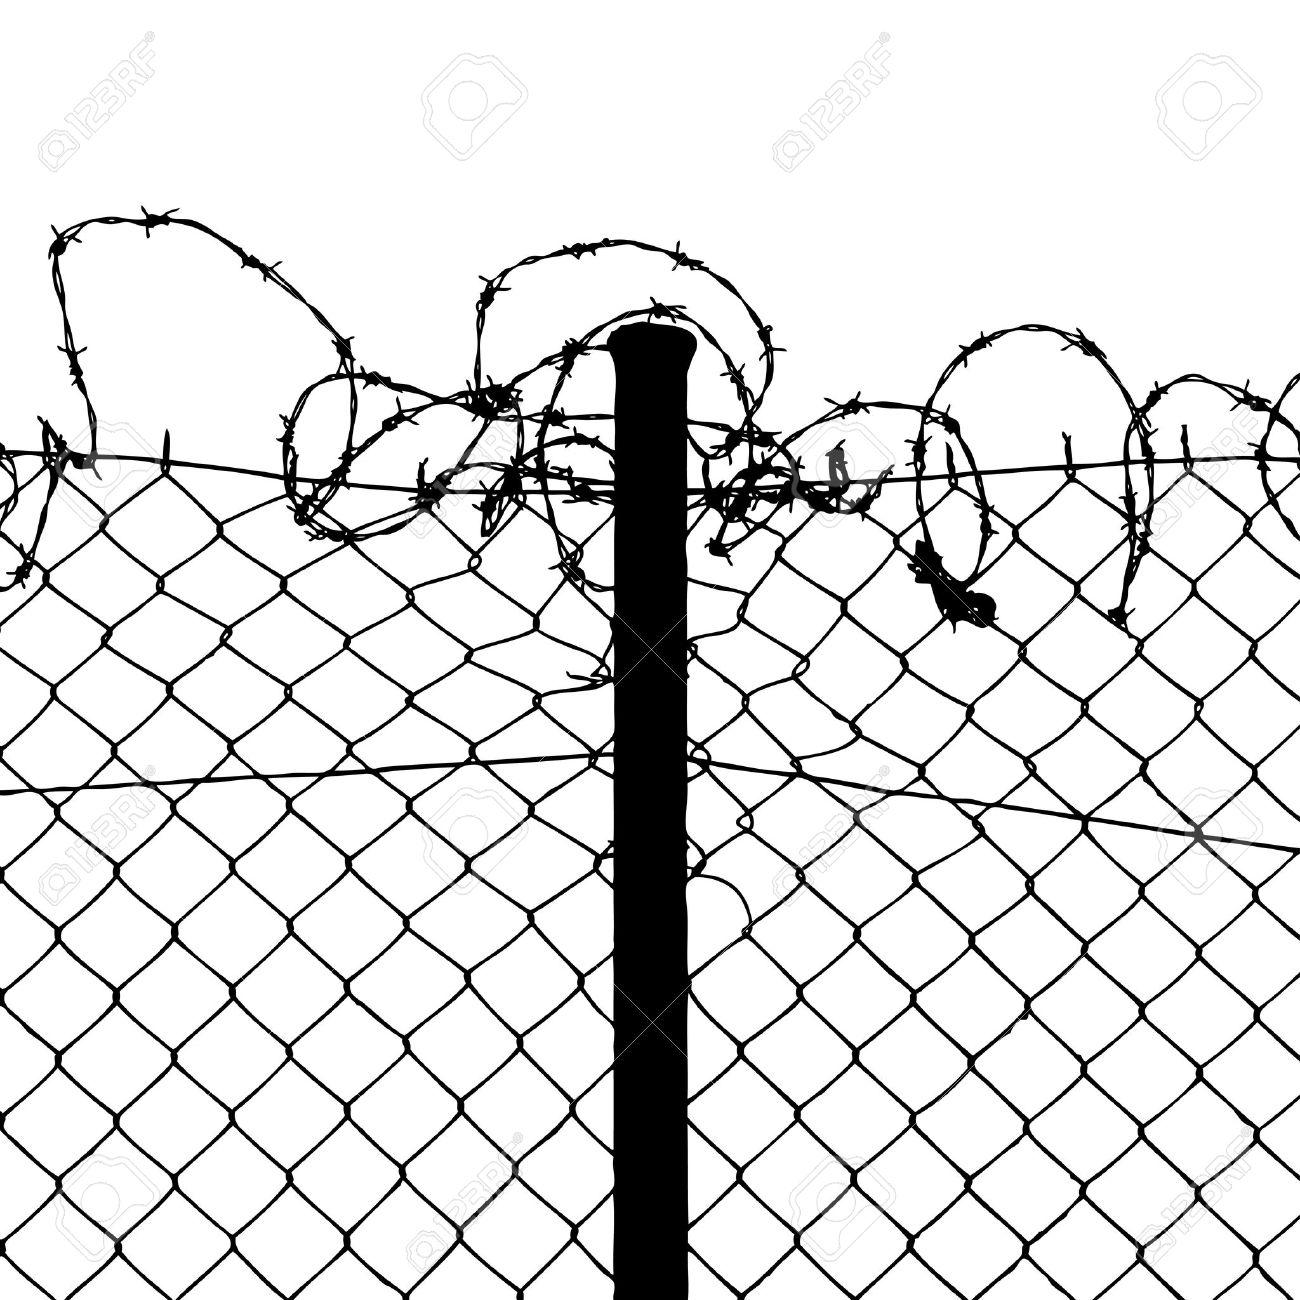 Prison Fence Clipart